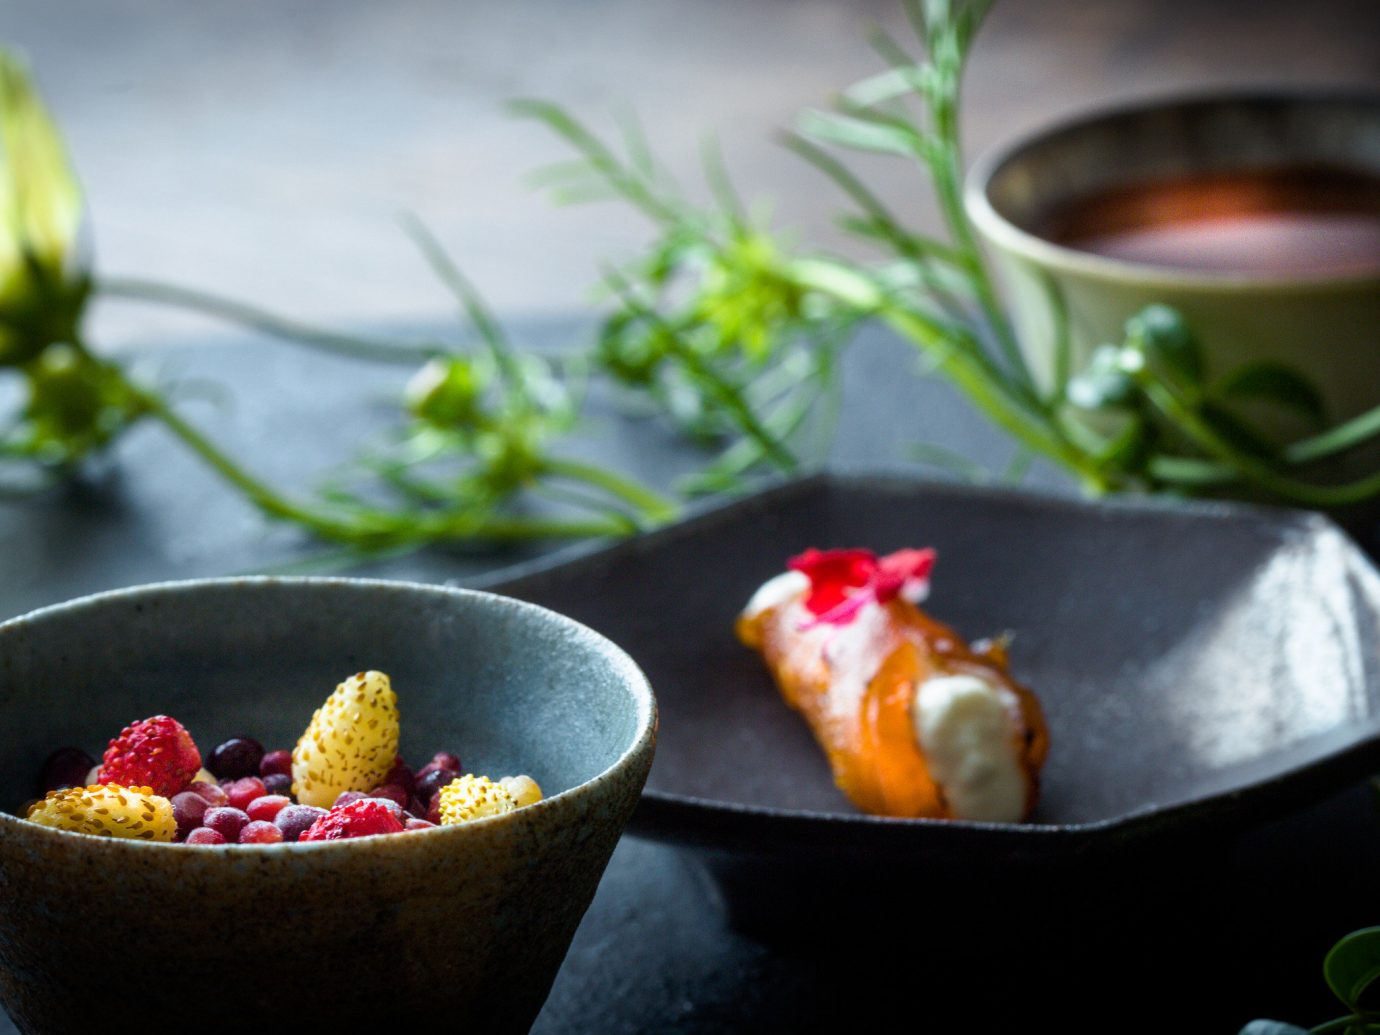 Food + Drink Hotels bowl plant flower food produce leaf meal still life fruit flowering plant